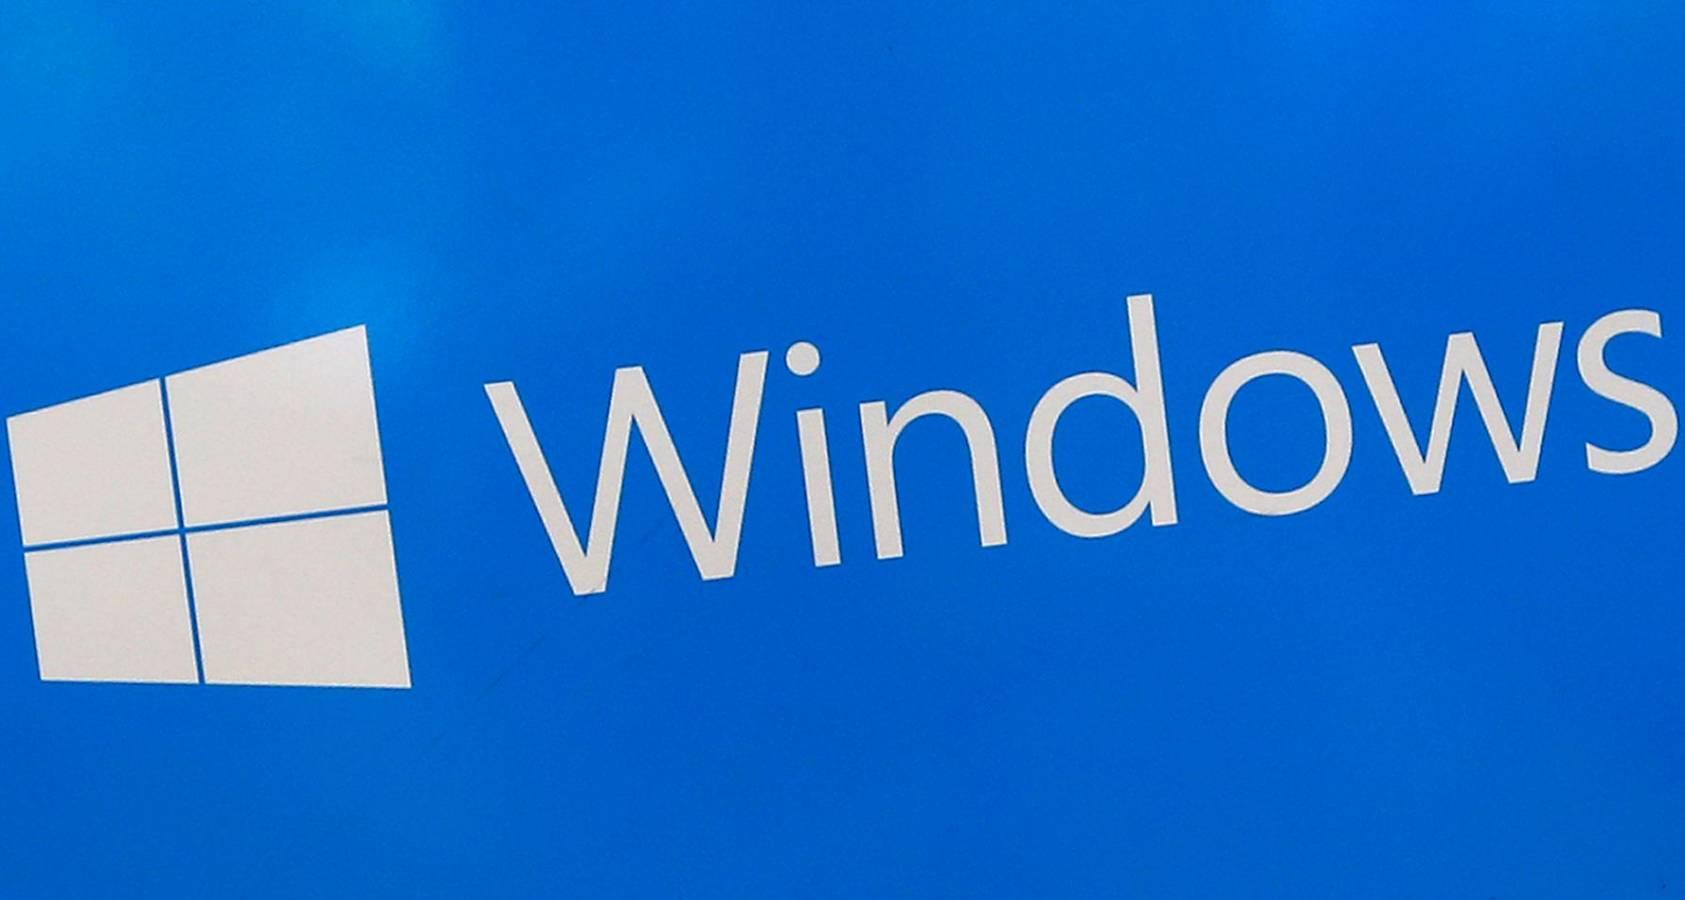 Windows 10 focus inbox